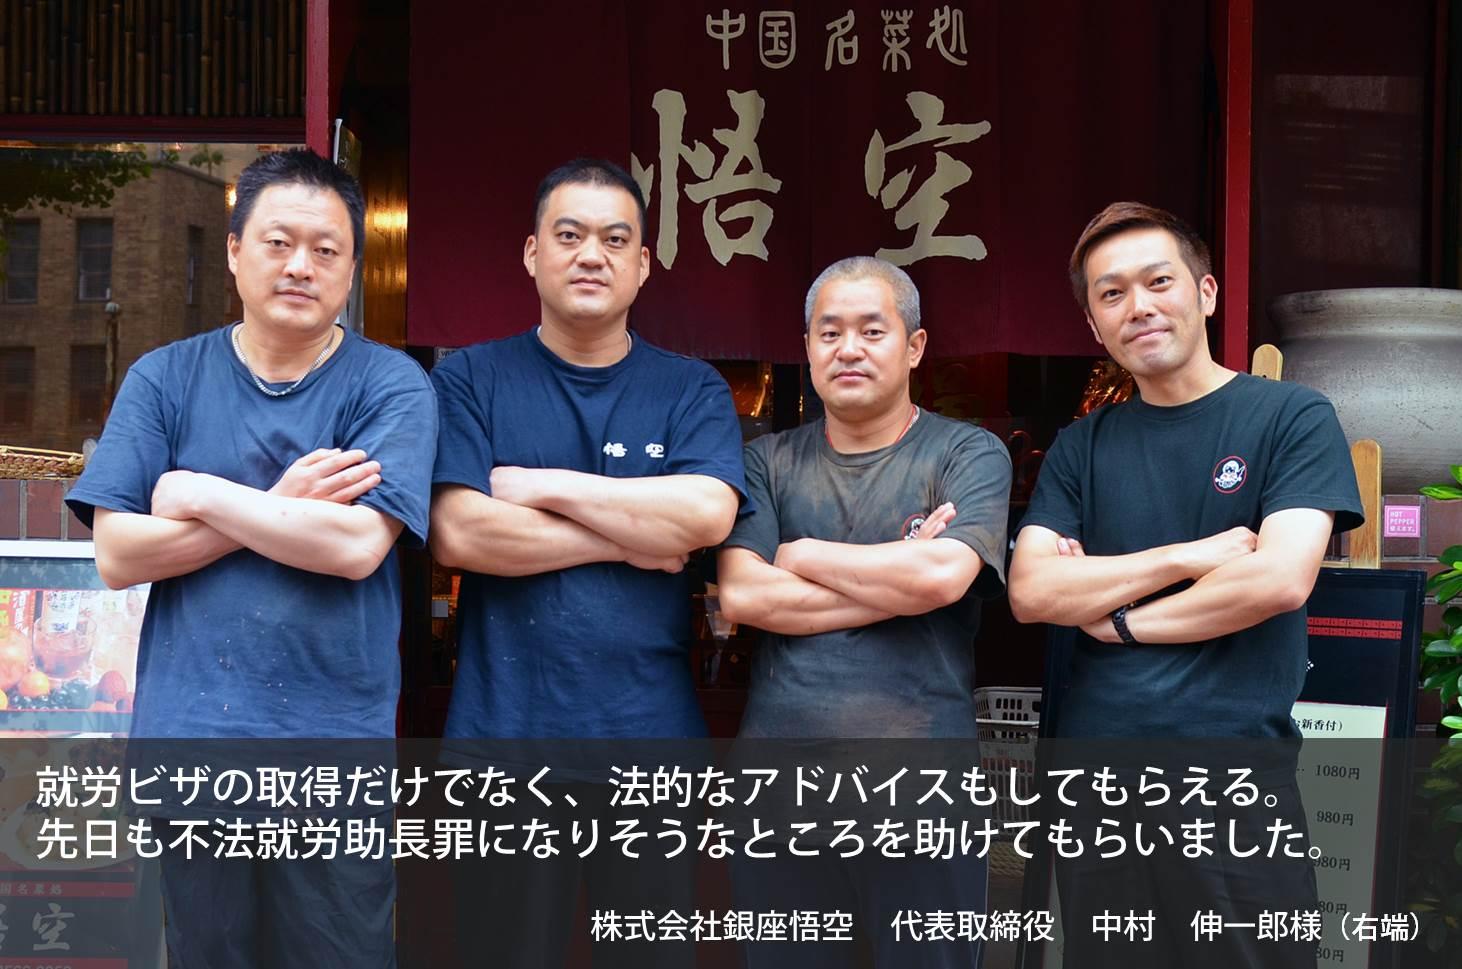 技能ビザ【調理師】(株式会社銀座悟空様)